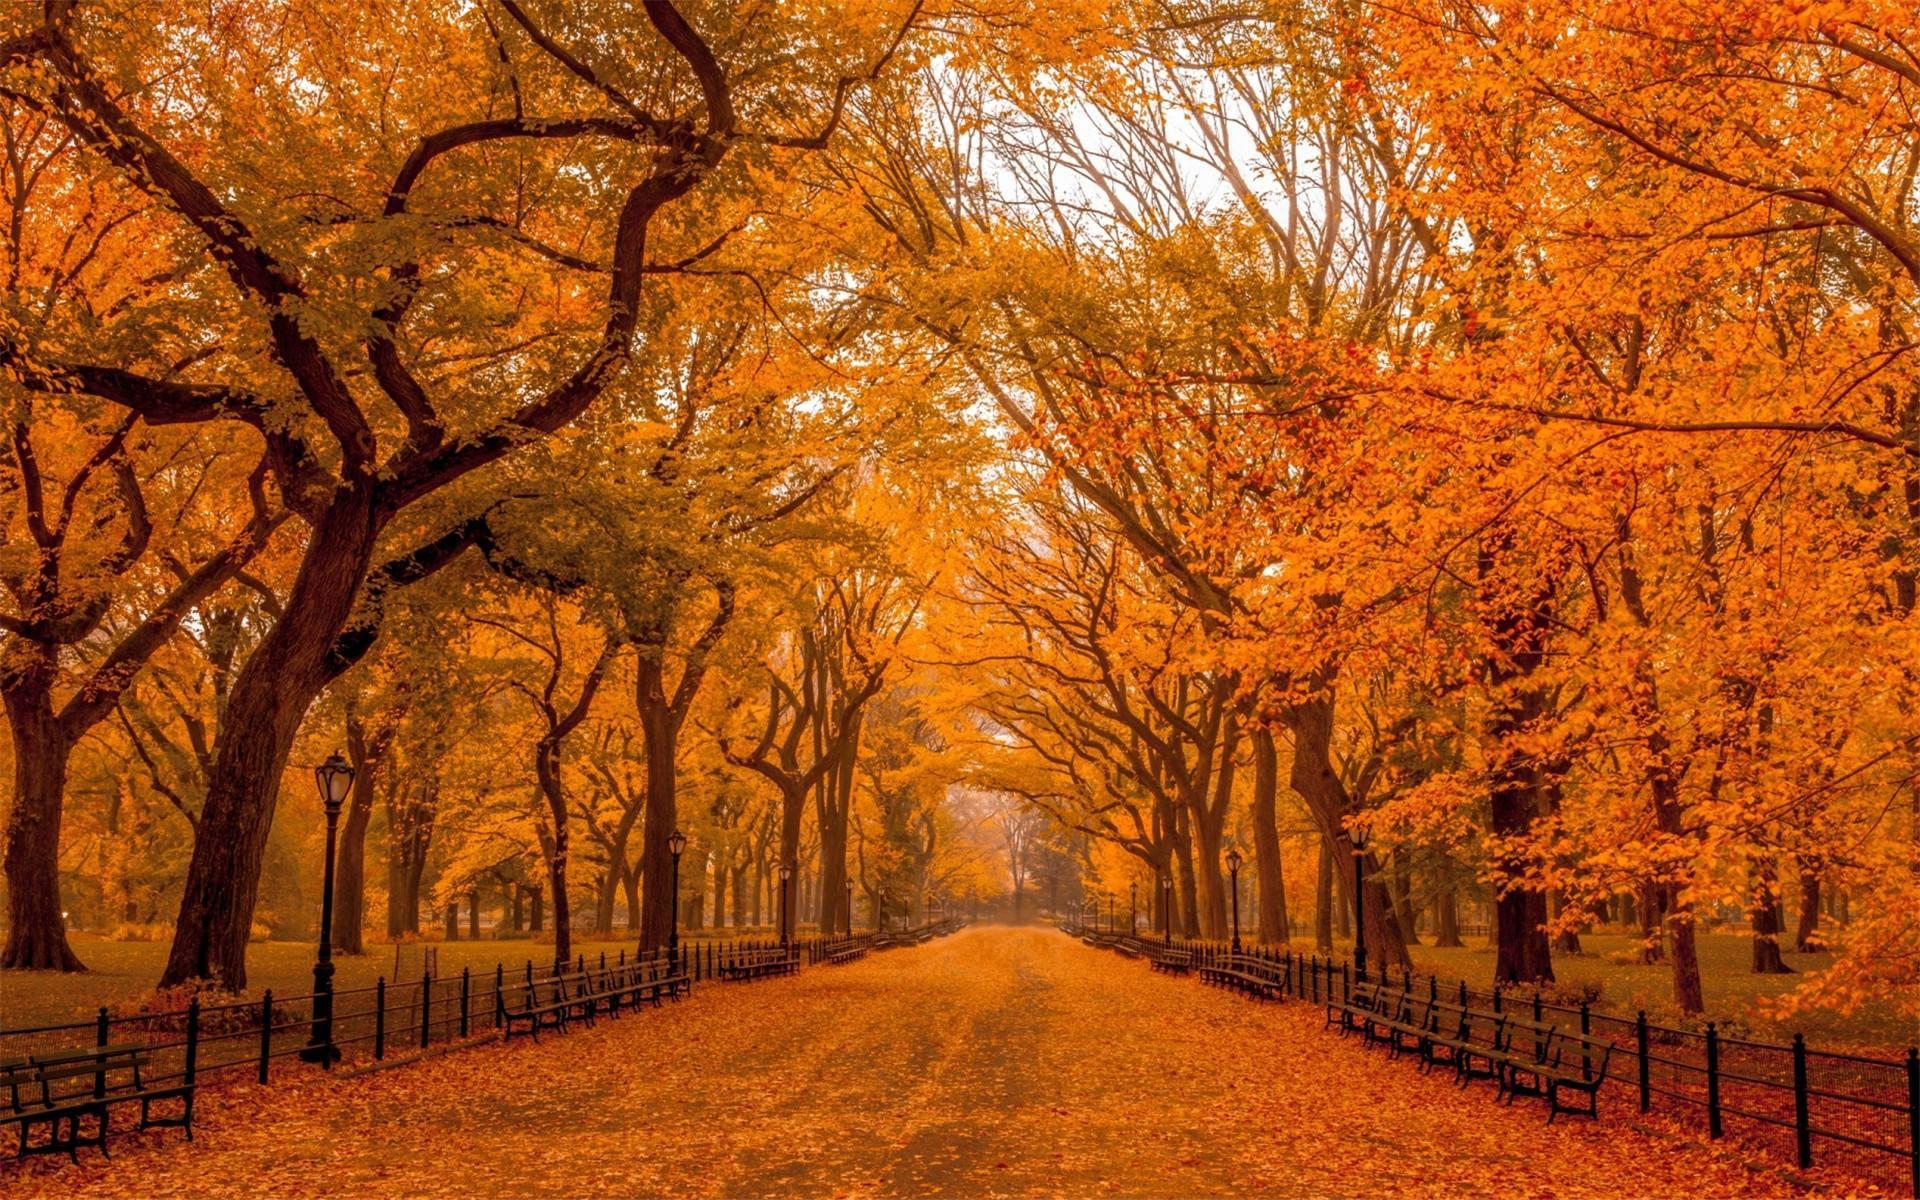 美文随笔欣赏:与秋天的重逢